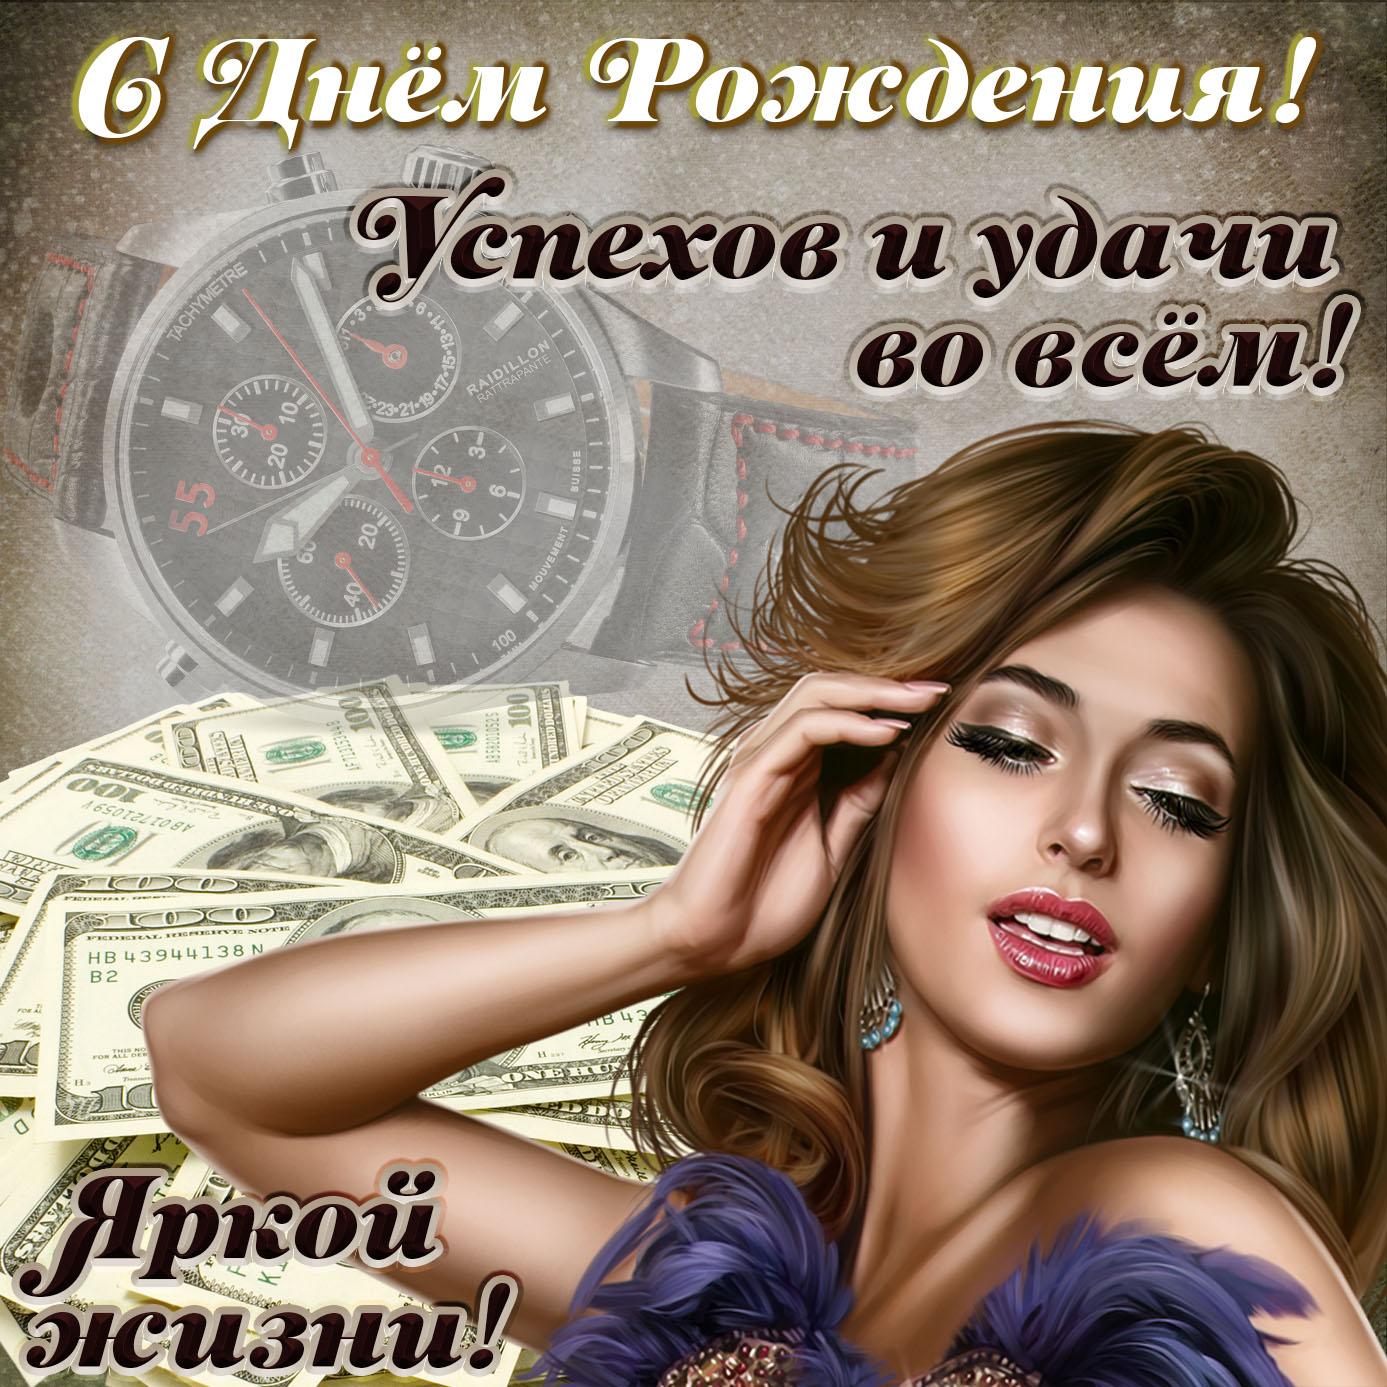 Картинка на День рождения с долларами и девушкой